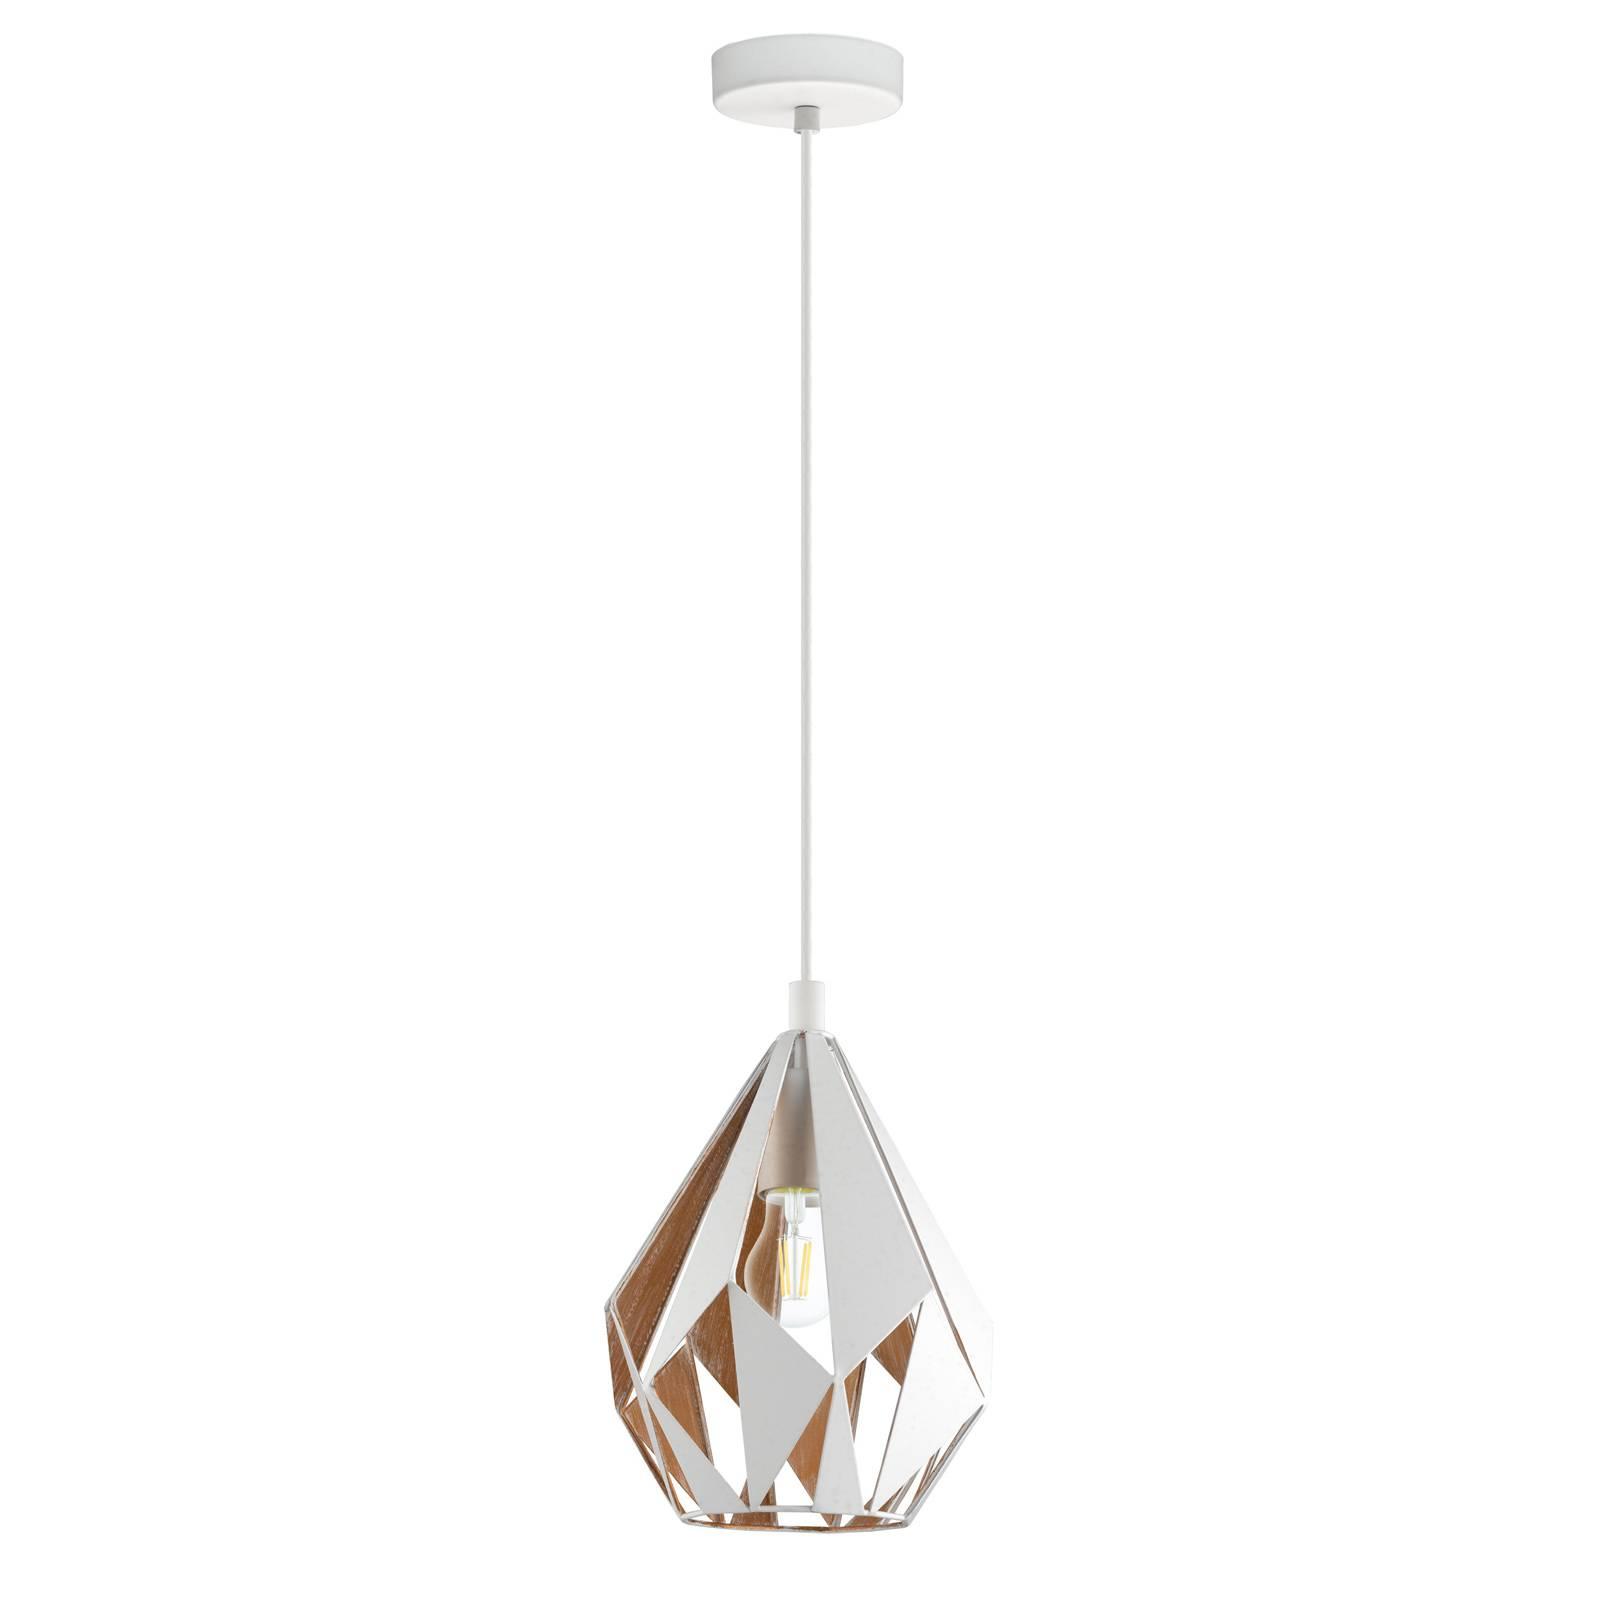 Lampa wisząca Carlton 1, biało-złota, Ø 20,5cm